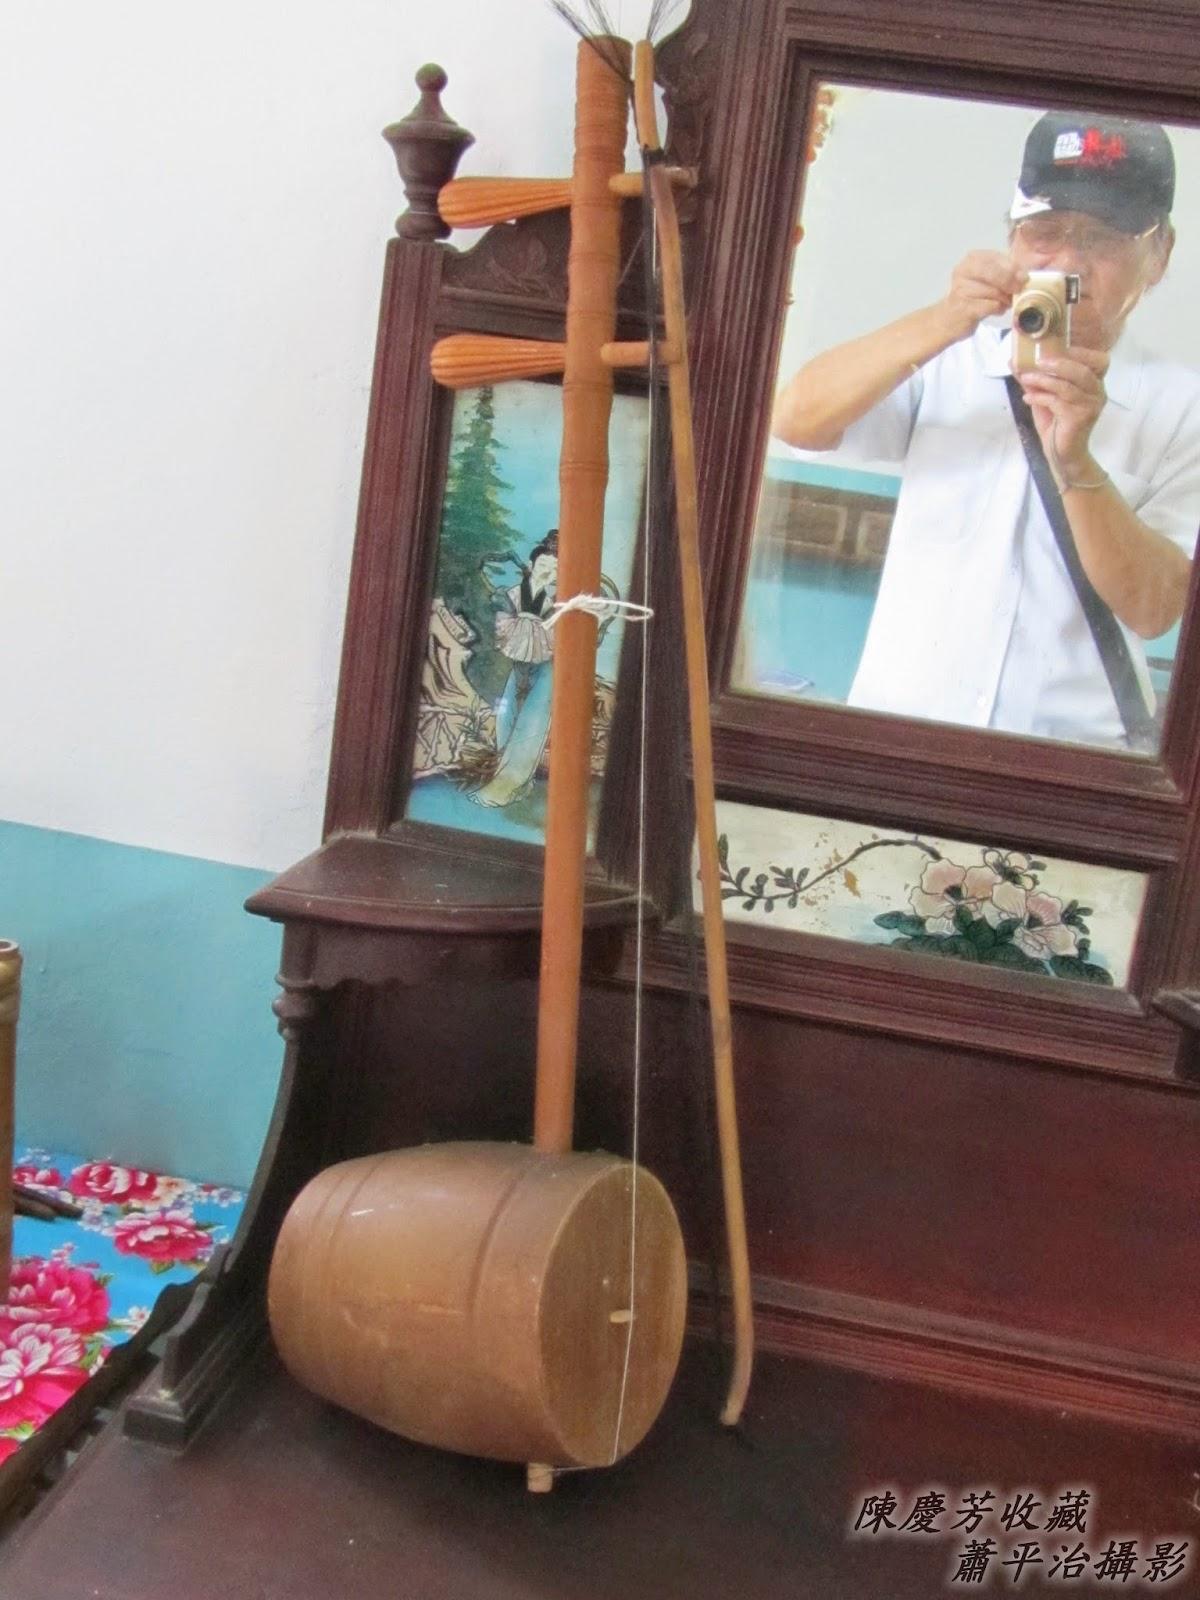 老人囡仔性 閒閒罔話仙: 古物仔_嫁娶篇_傳統樂器:陳慶芳收藏/蕭平治翕相